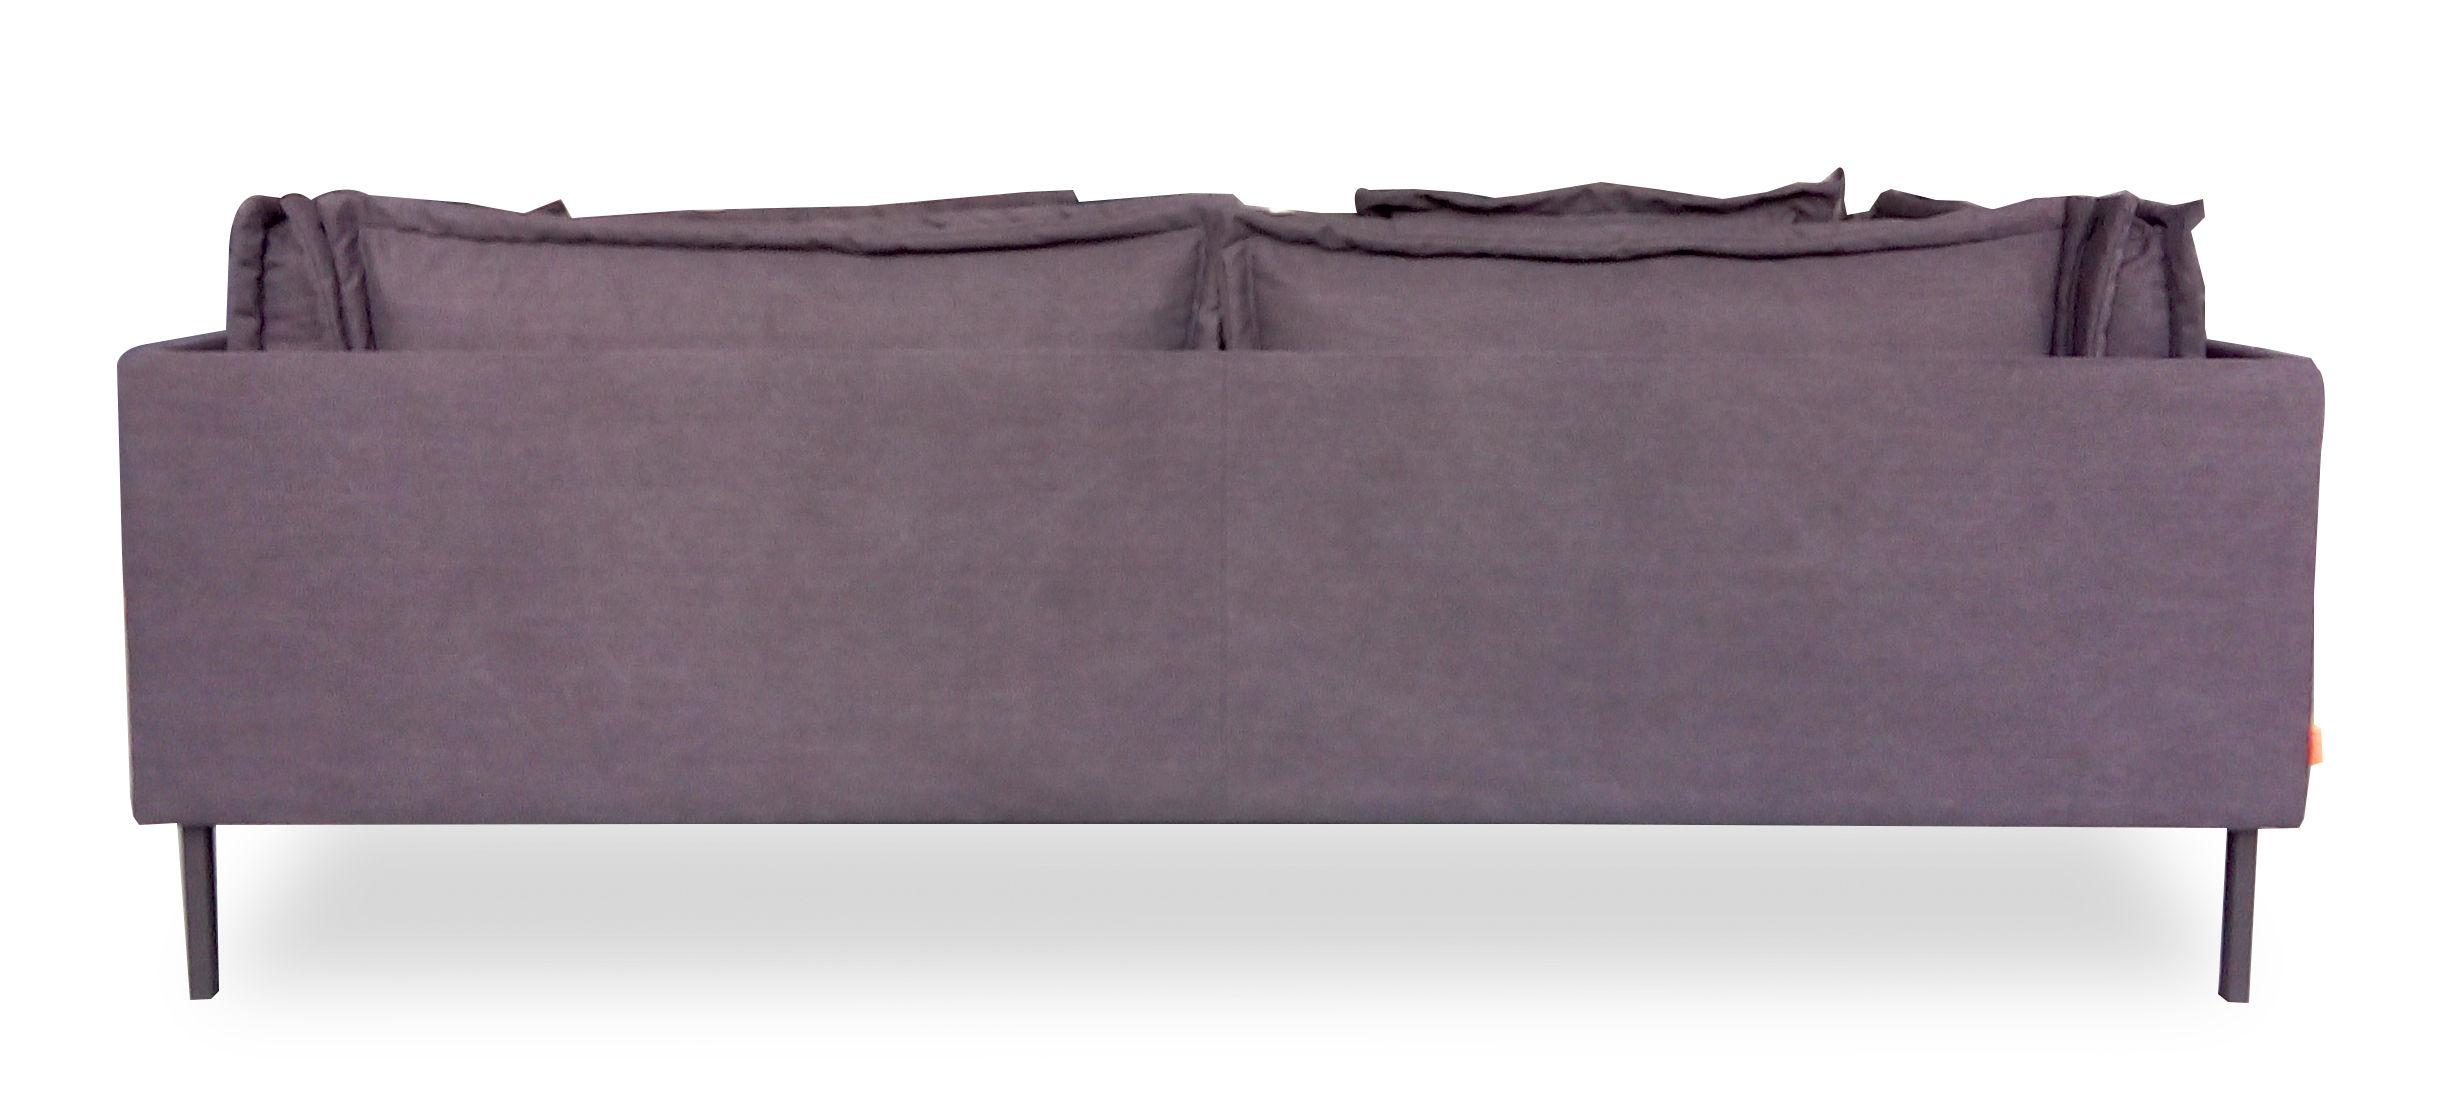 Canap droit trexx 3 places l 220 cm exclusivit charbon dutsh pour m - Canape made in design ...